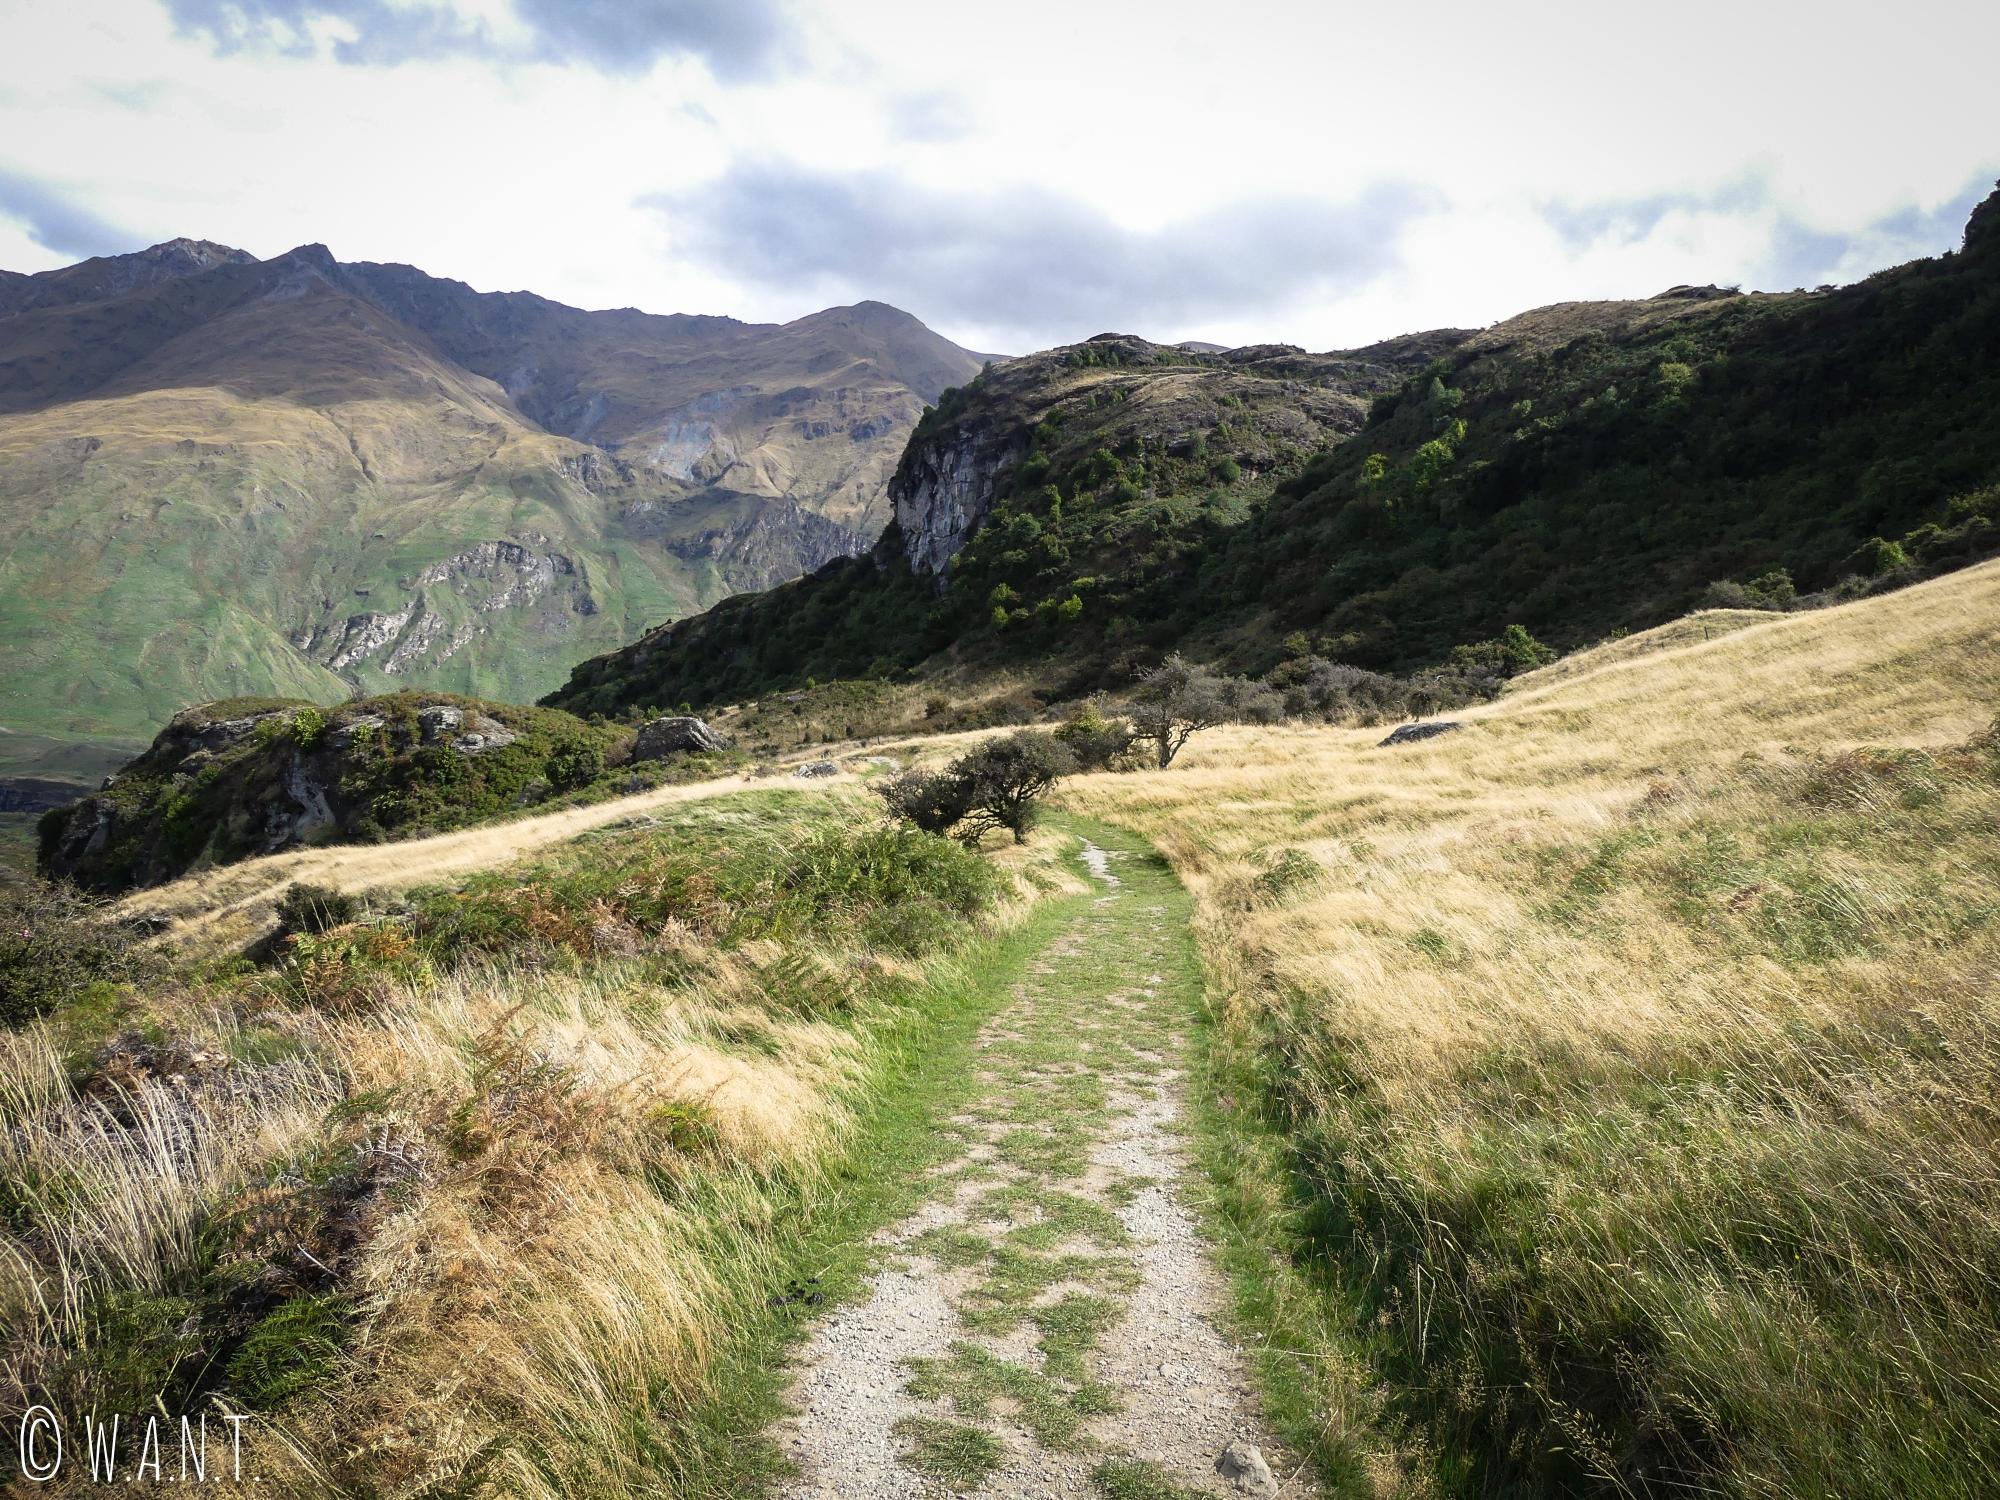 Chemin de randonnée à travers les pâturages du Diamond Lake près de Wanaka en Nouvelle-Zélande